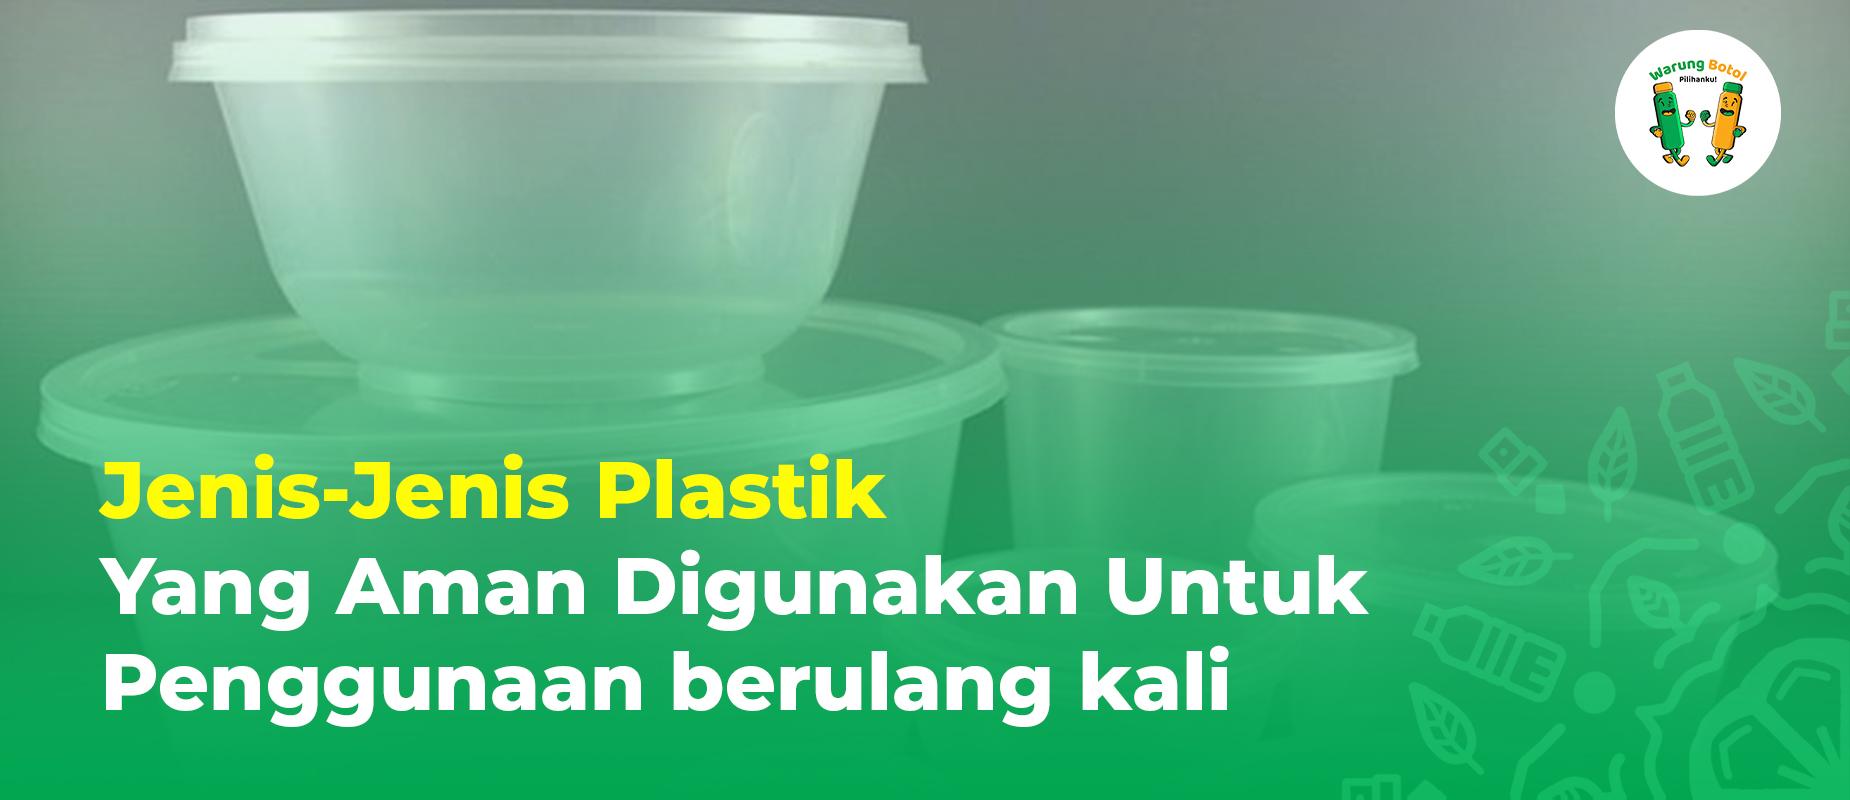 Jenis Jenis Plastik Yang Aman Digunakan Untuk Penggunaan berulang kali